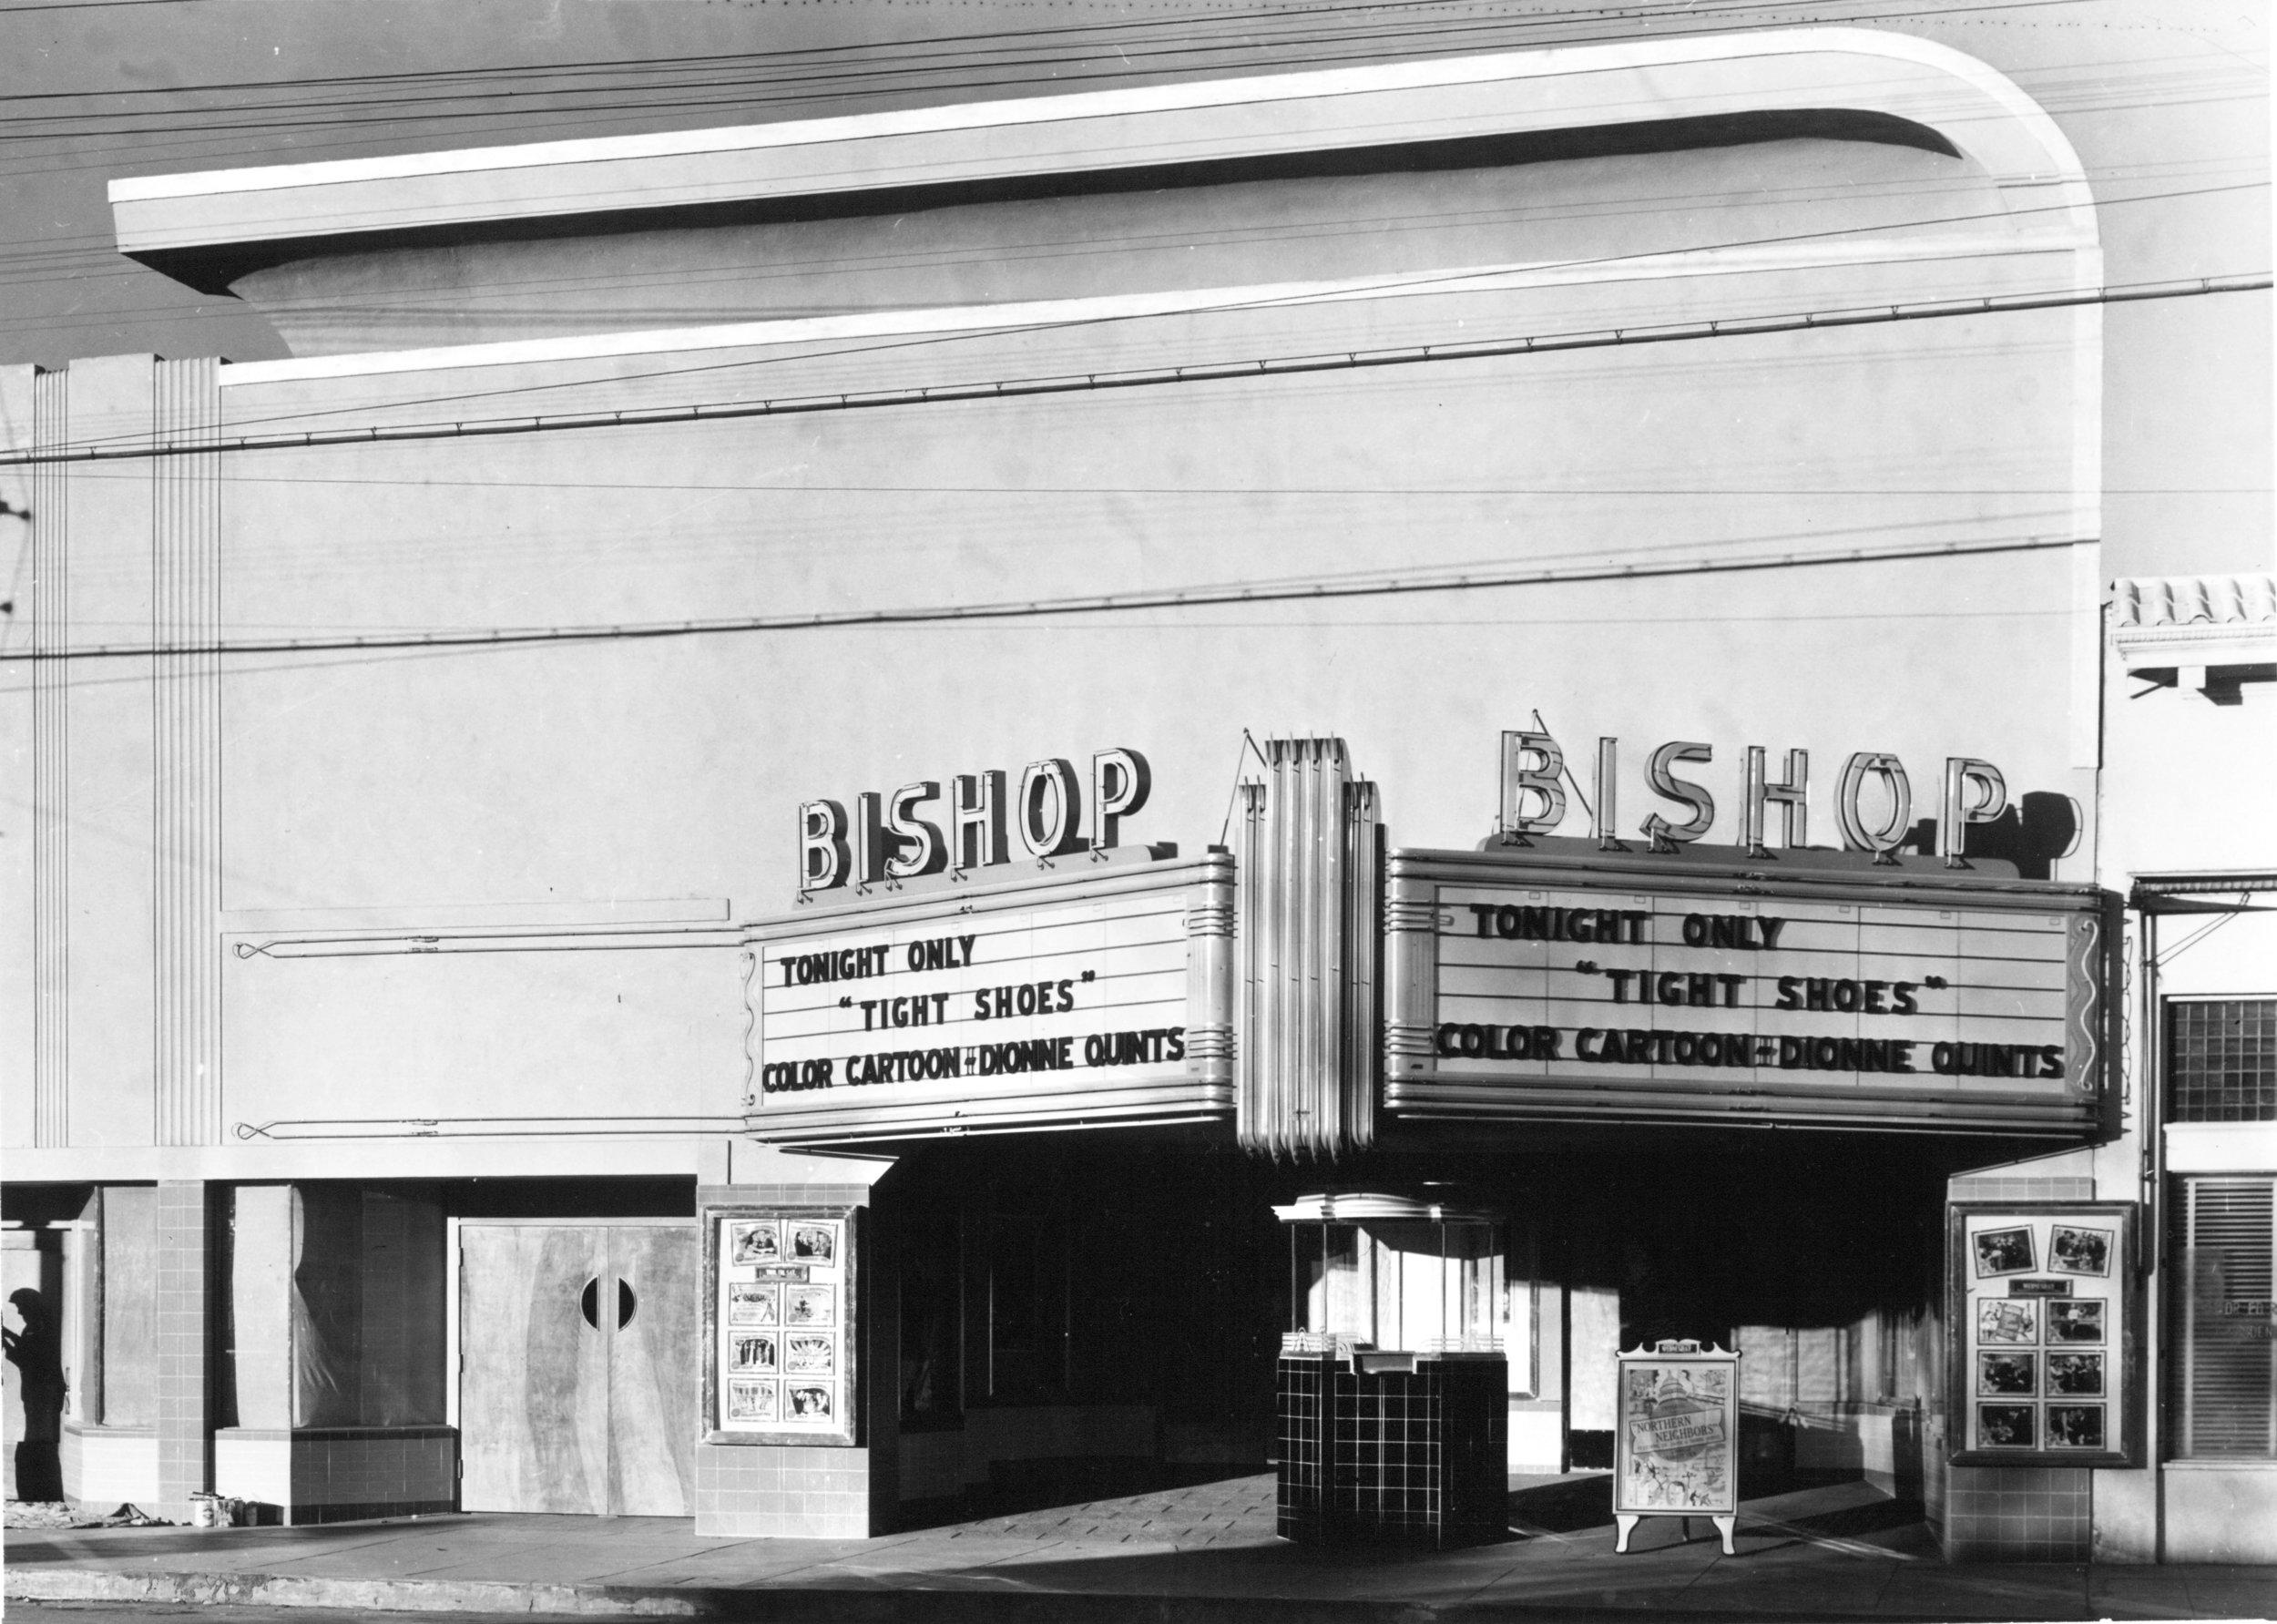 Bishop2.jpg